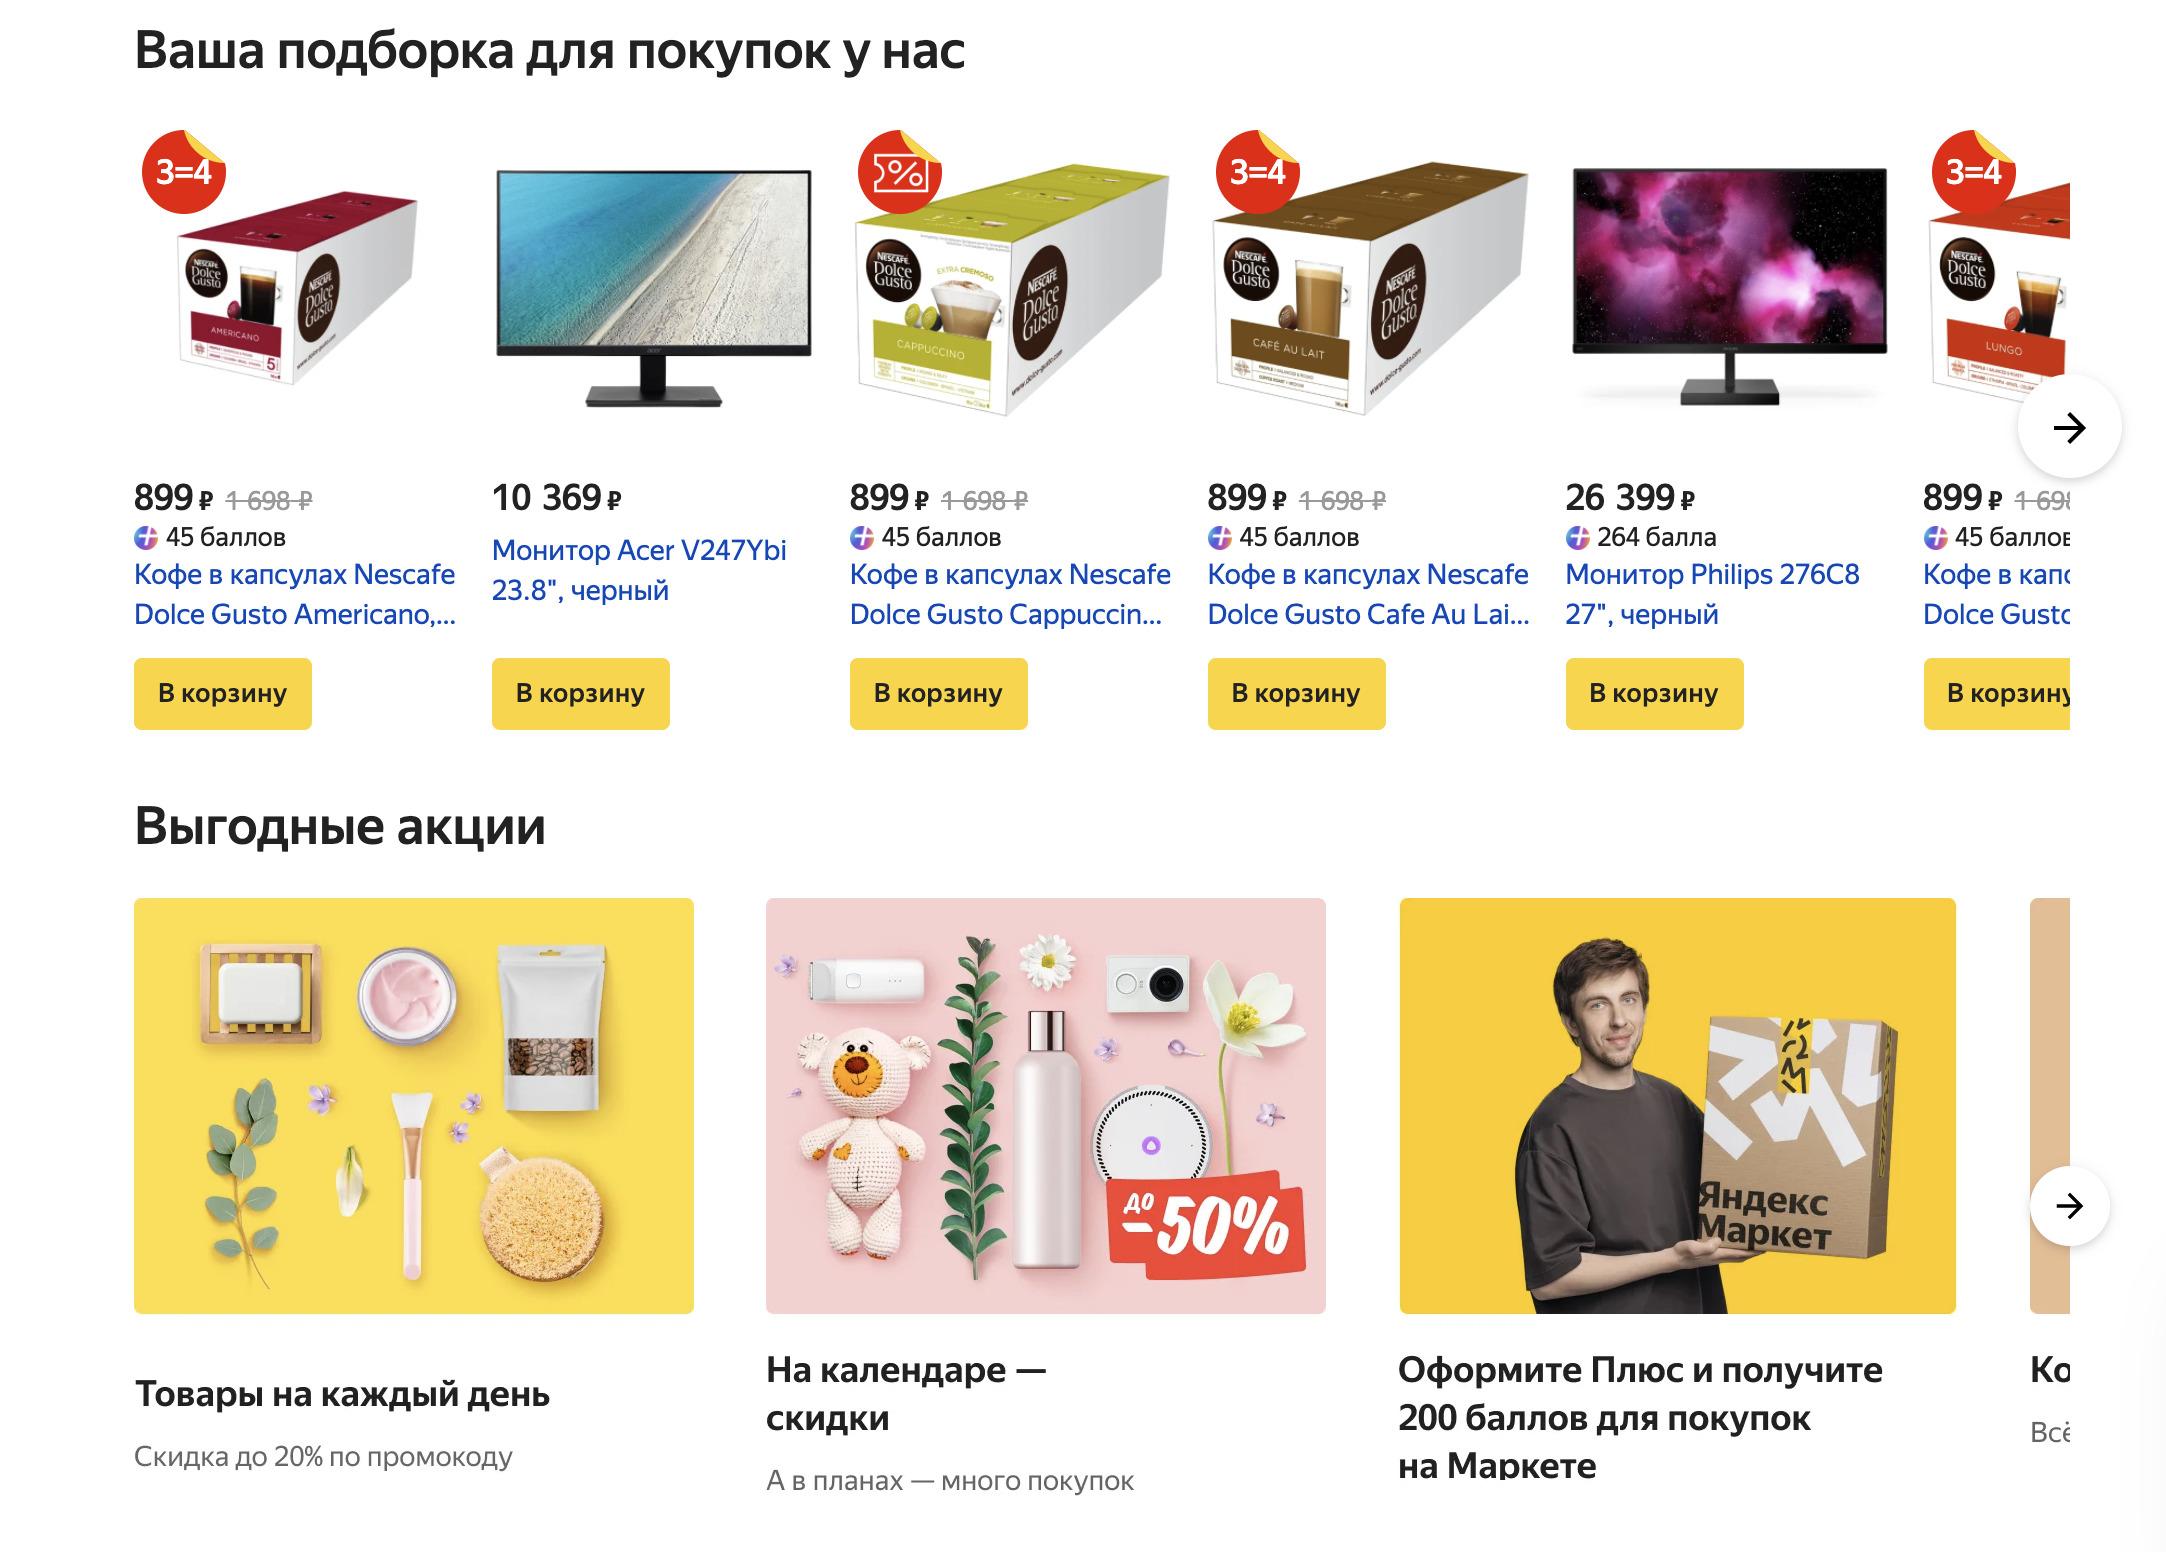 Доставка из Яндекс.Маркет в Новоуральск, сроки, пункты выдачи, каталог